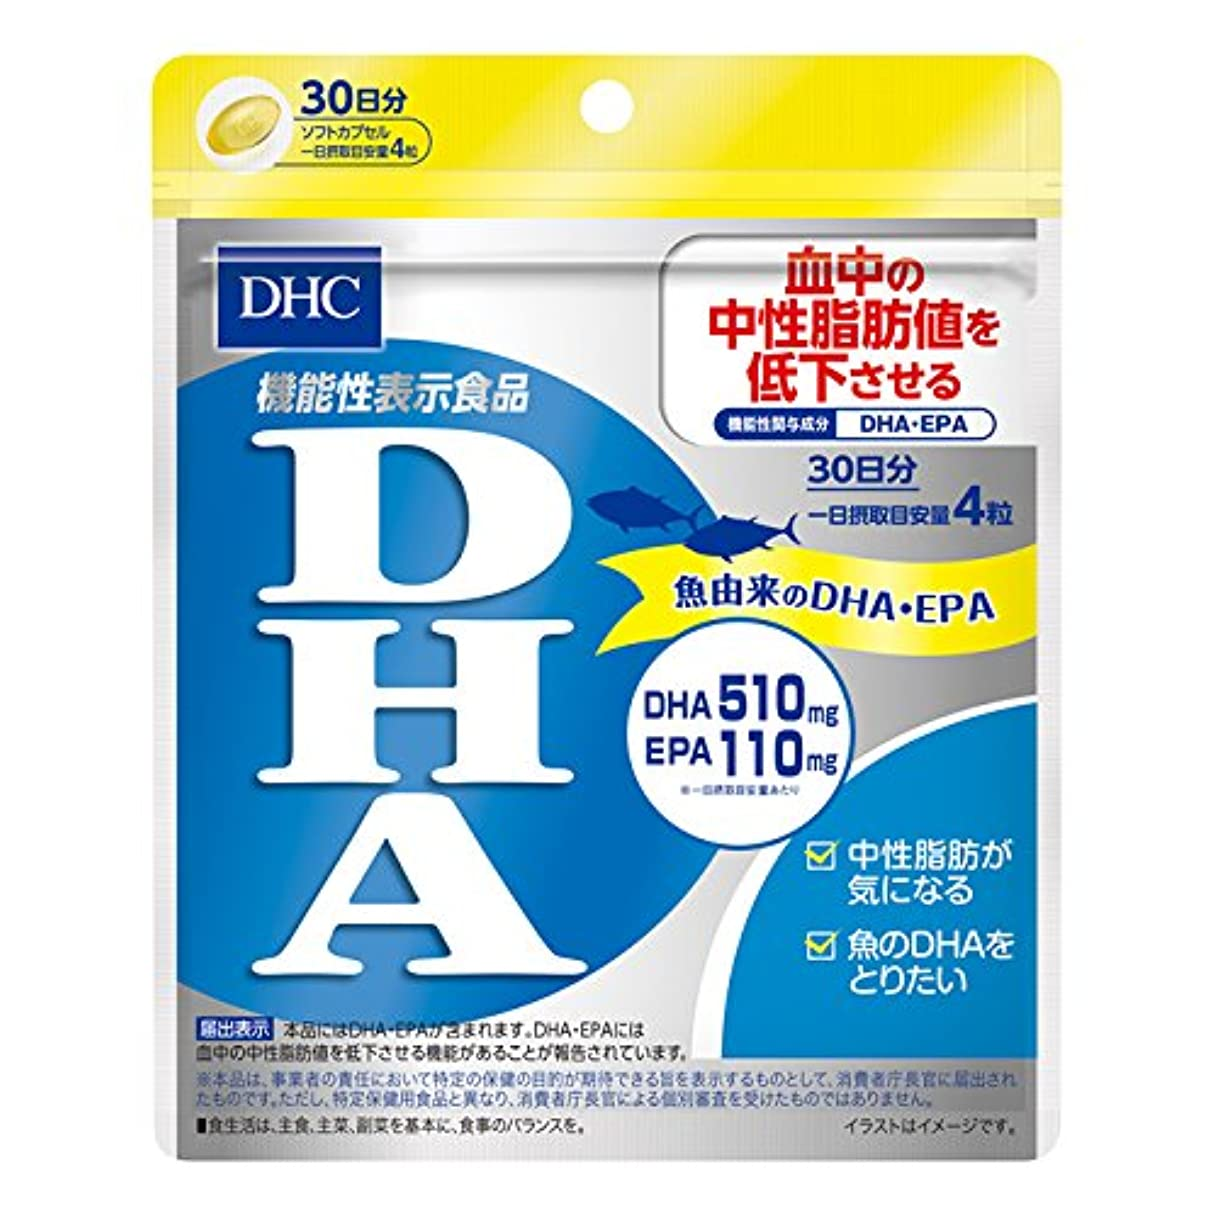 スポーツをするアプトレインコートDHC DHA 30日分 [機能性表示食品]